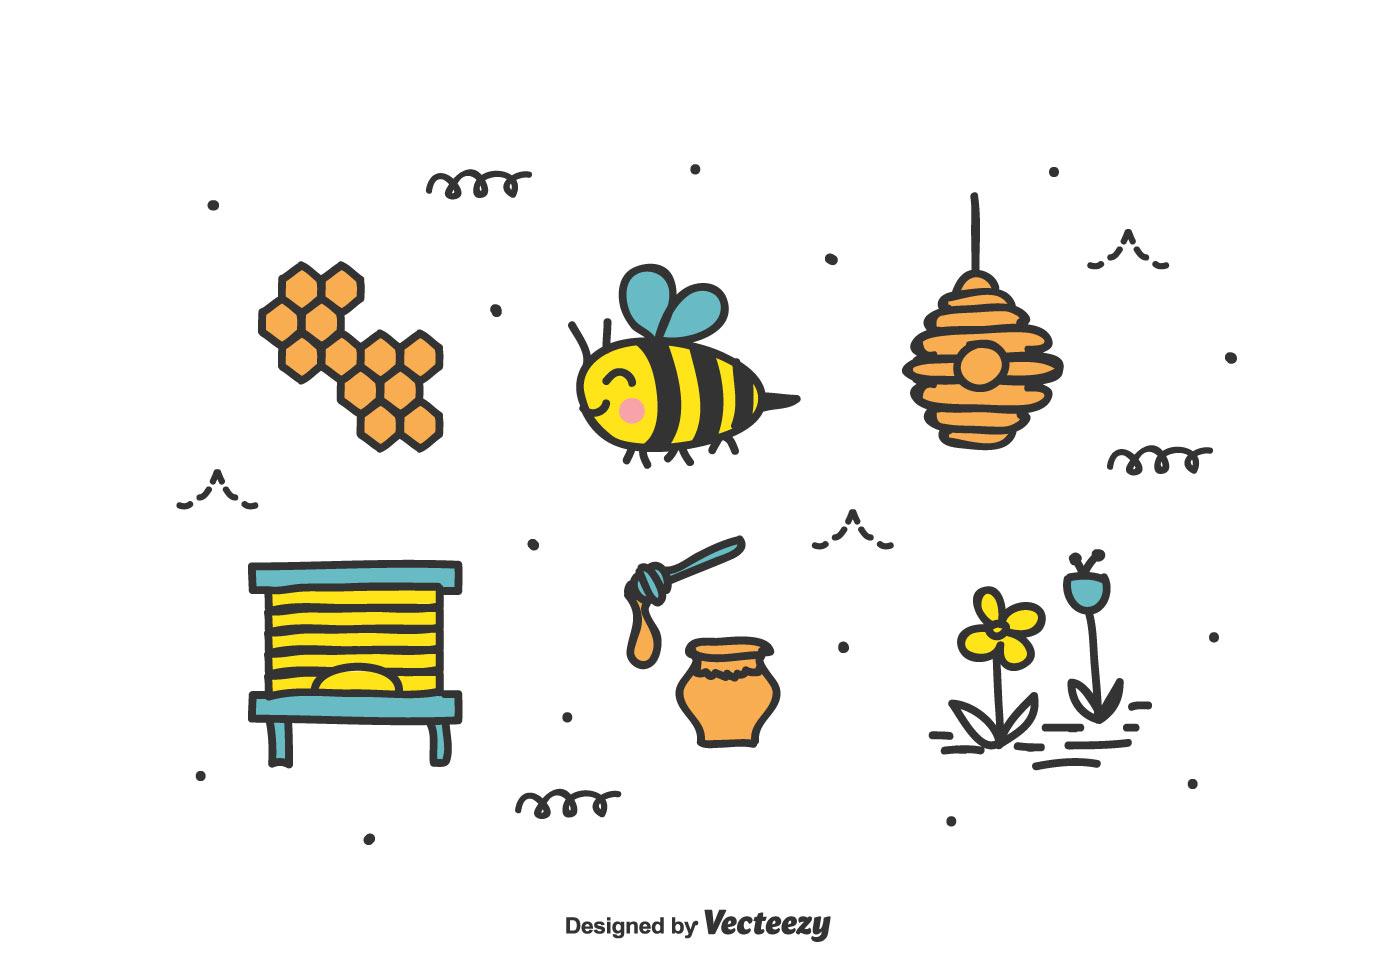 Doodle Bee Vector Set - Download Free Vector Art, Stock